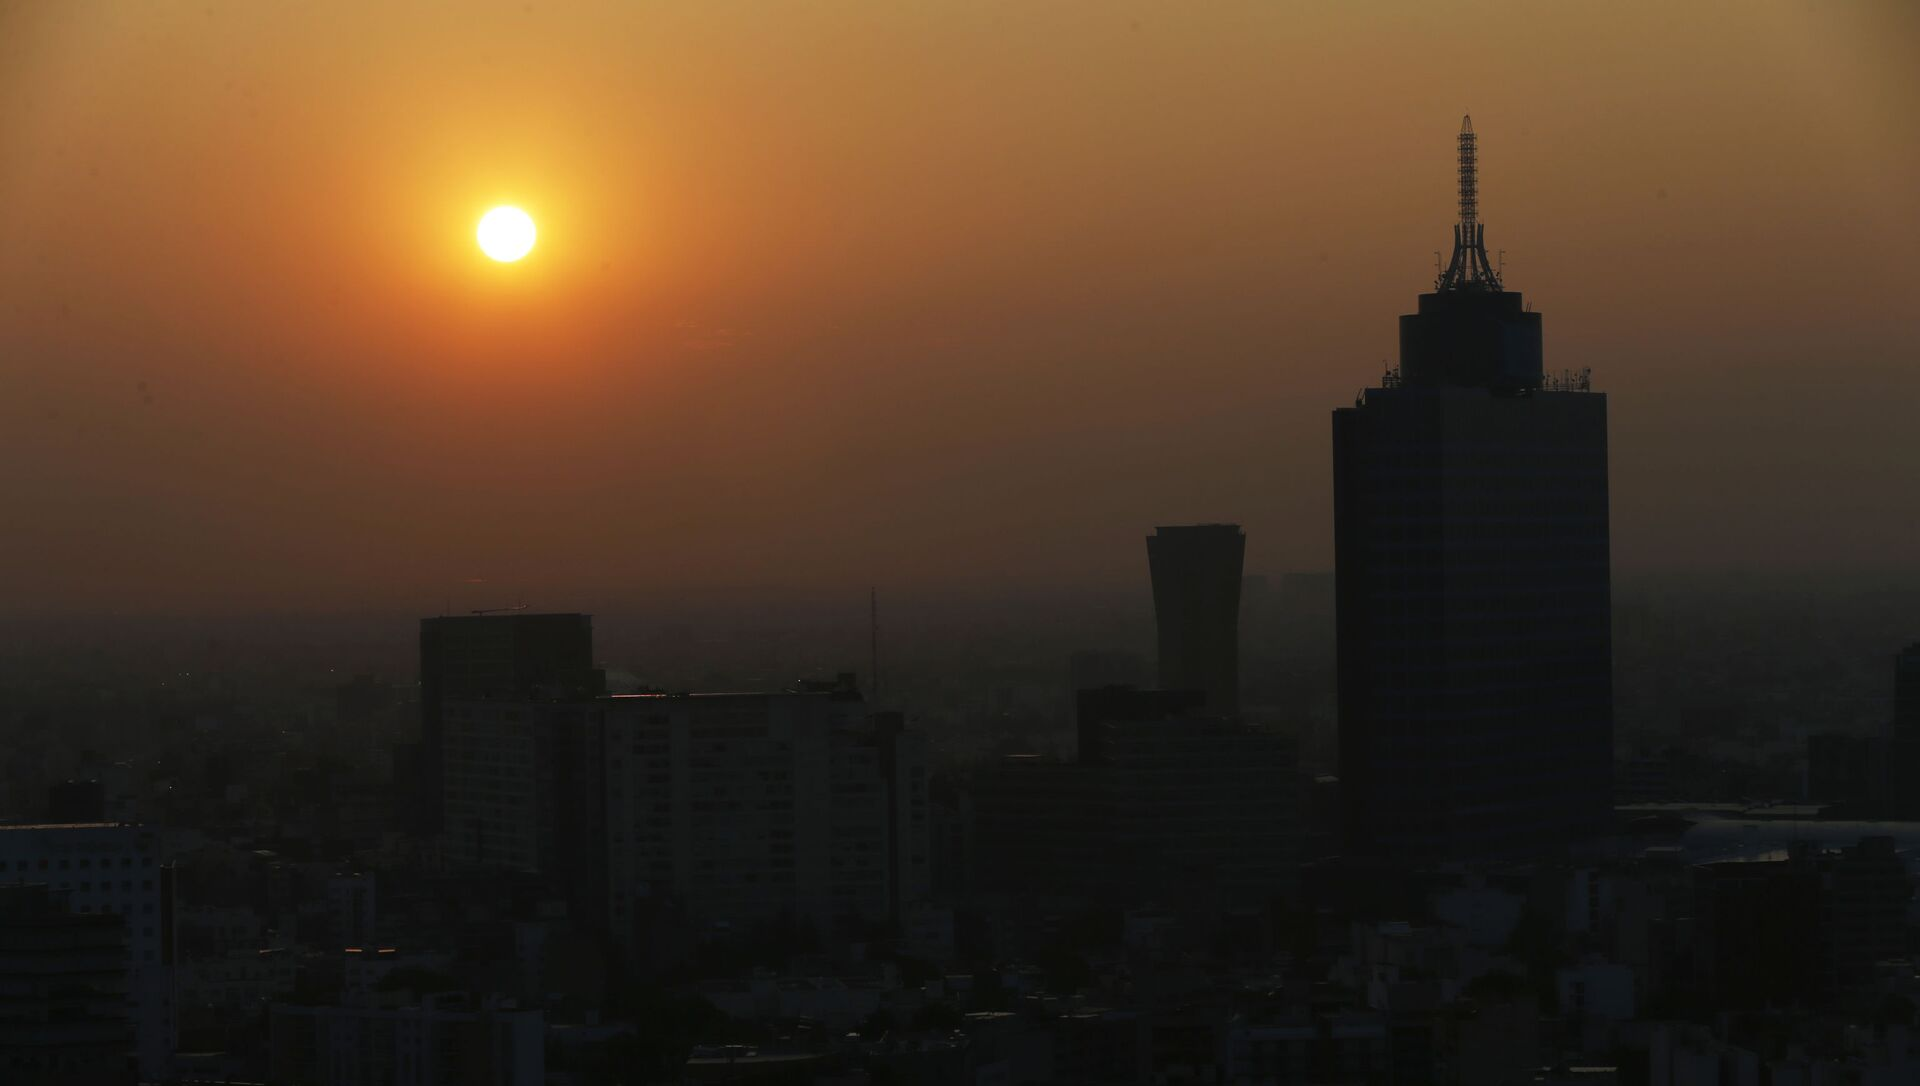 El sol sale en medio del esmog en la Ciudad de México - Sputnik Mundo, 1920, 29.01.2021